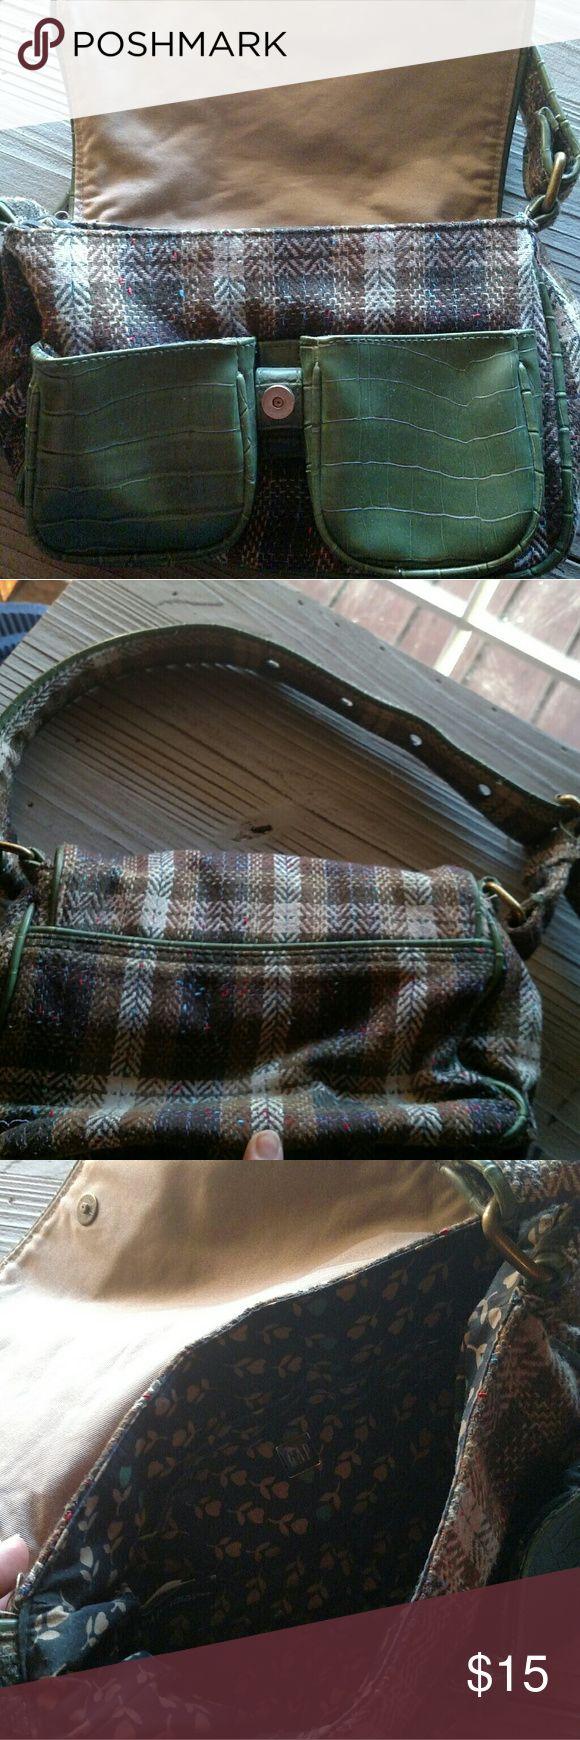 Gap purse Gap handbag green plaid GAP Bags Mini Bags